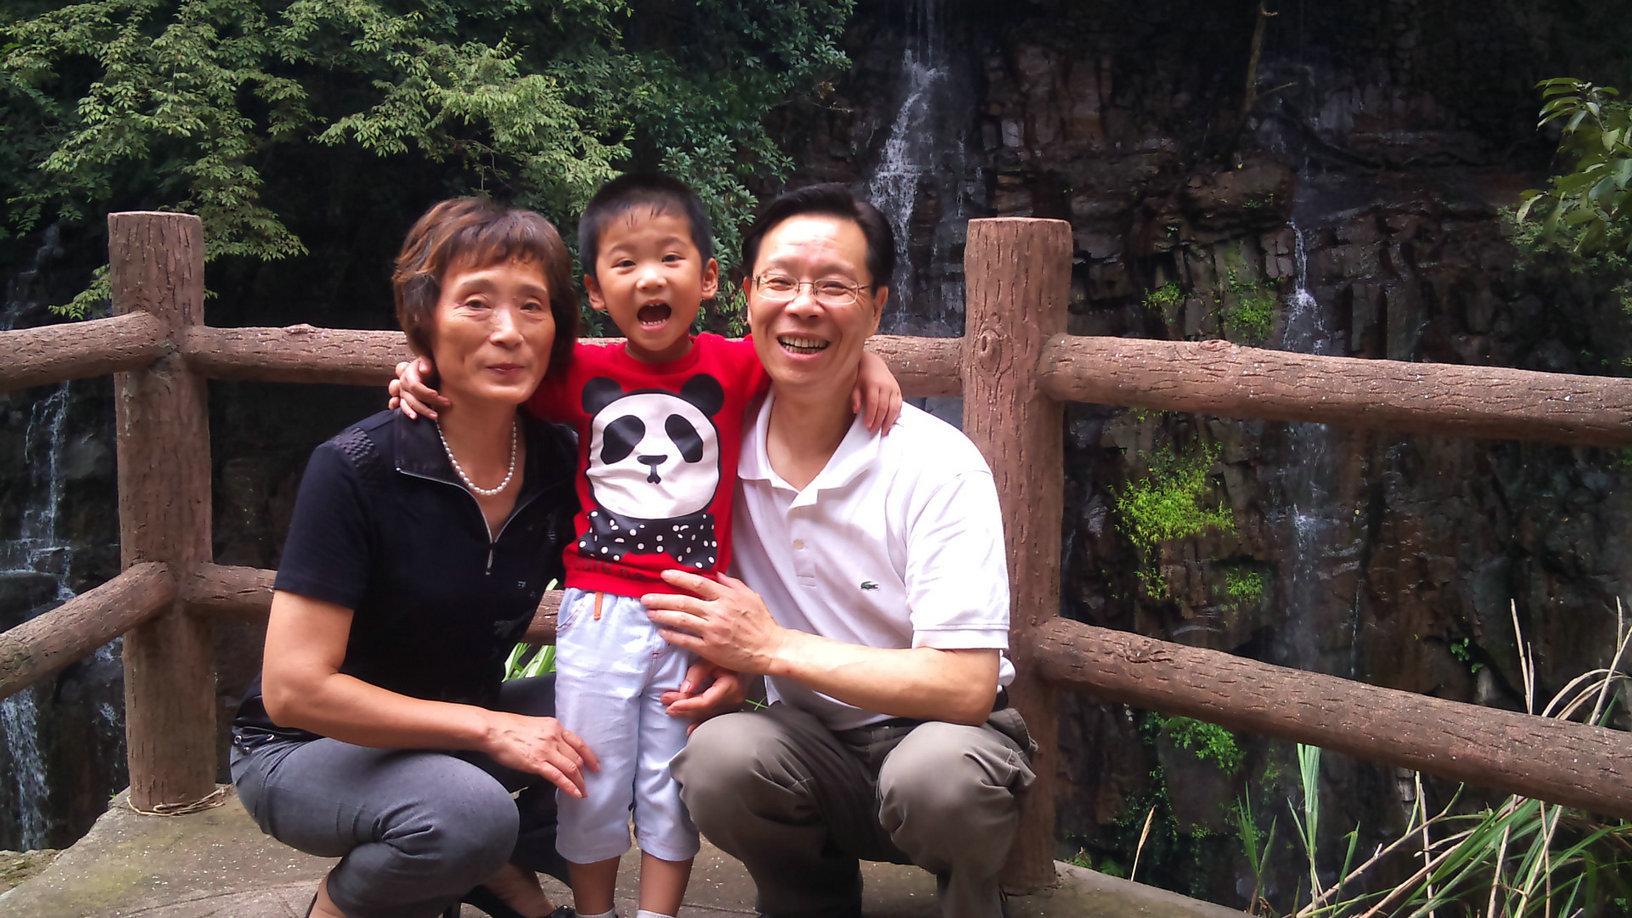 bethqiqi 野蛮笨妻社之qiqi      注册日期:2006-07-12 来自:上海